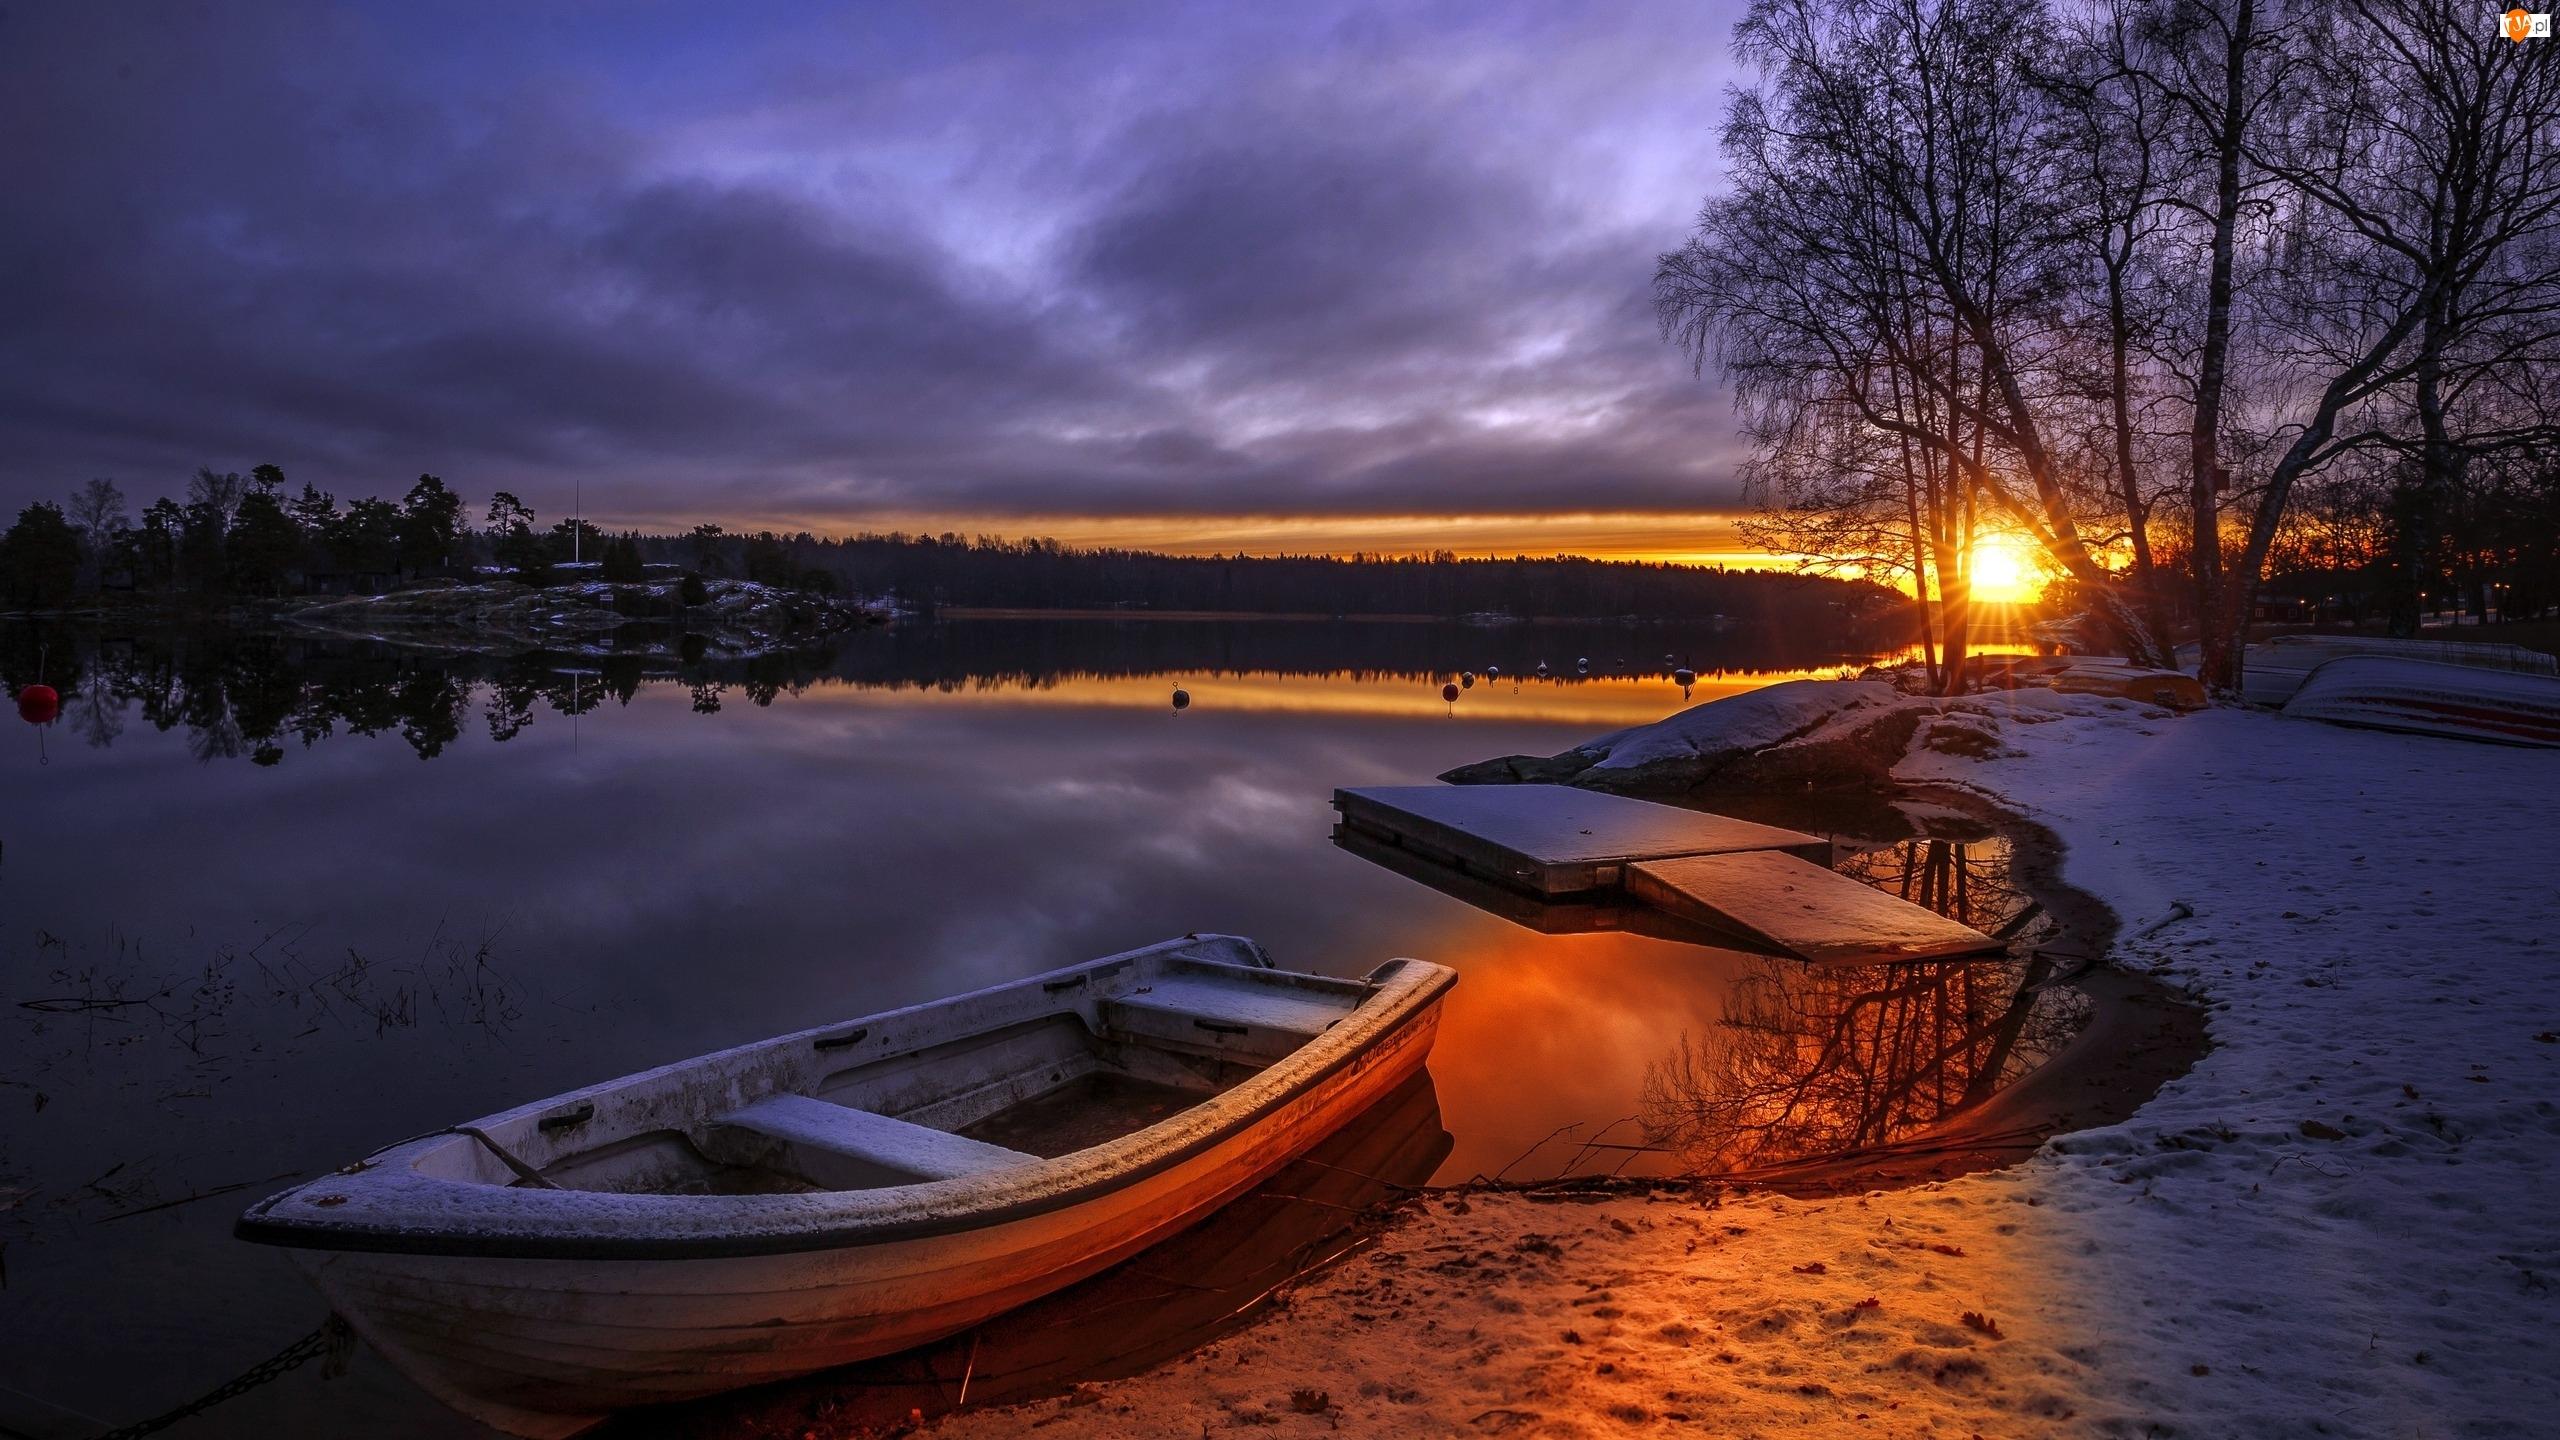 Zachód słońca, Łódki, Zima, Drzewa, Śnieg, Jezioro